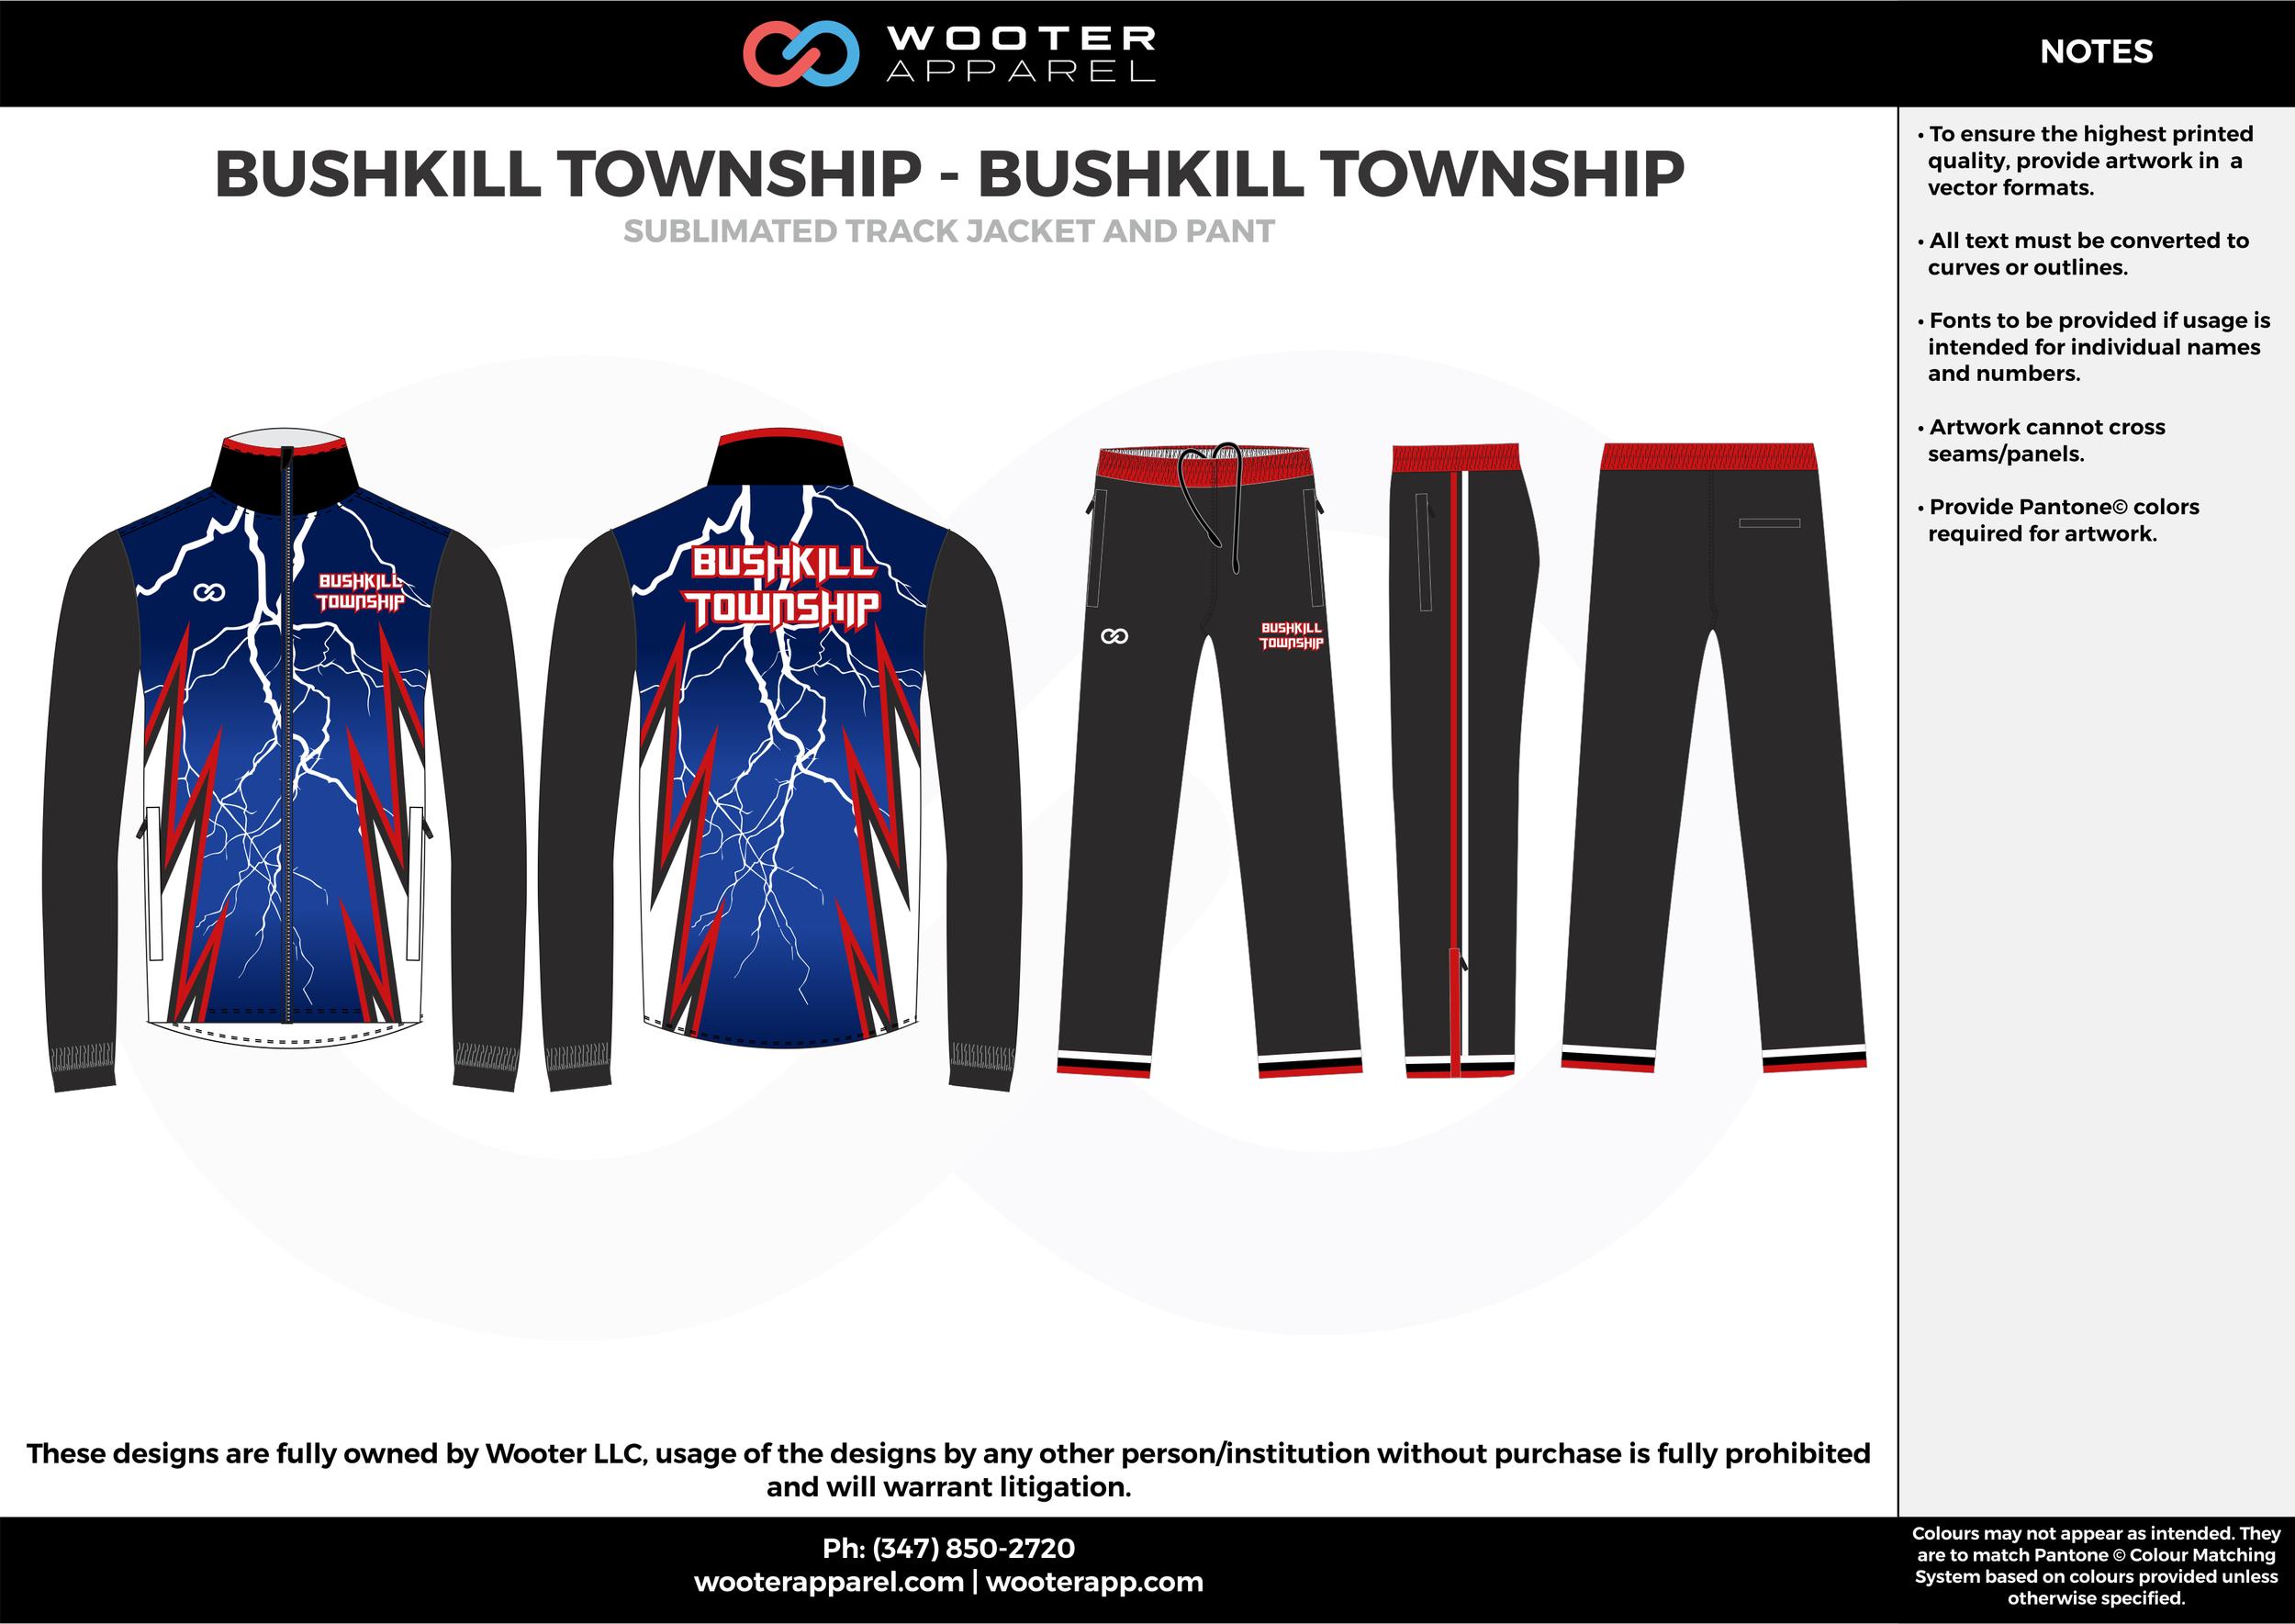 BUSHKILL TOWNSHIP - BUSHKILL TOWNSHIP blue black red white  Track Jacket, Track Pants, Tracksuit, Warmup Suit